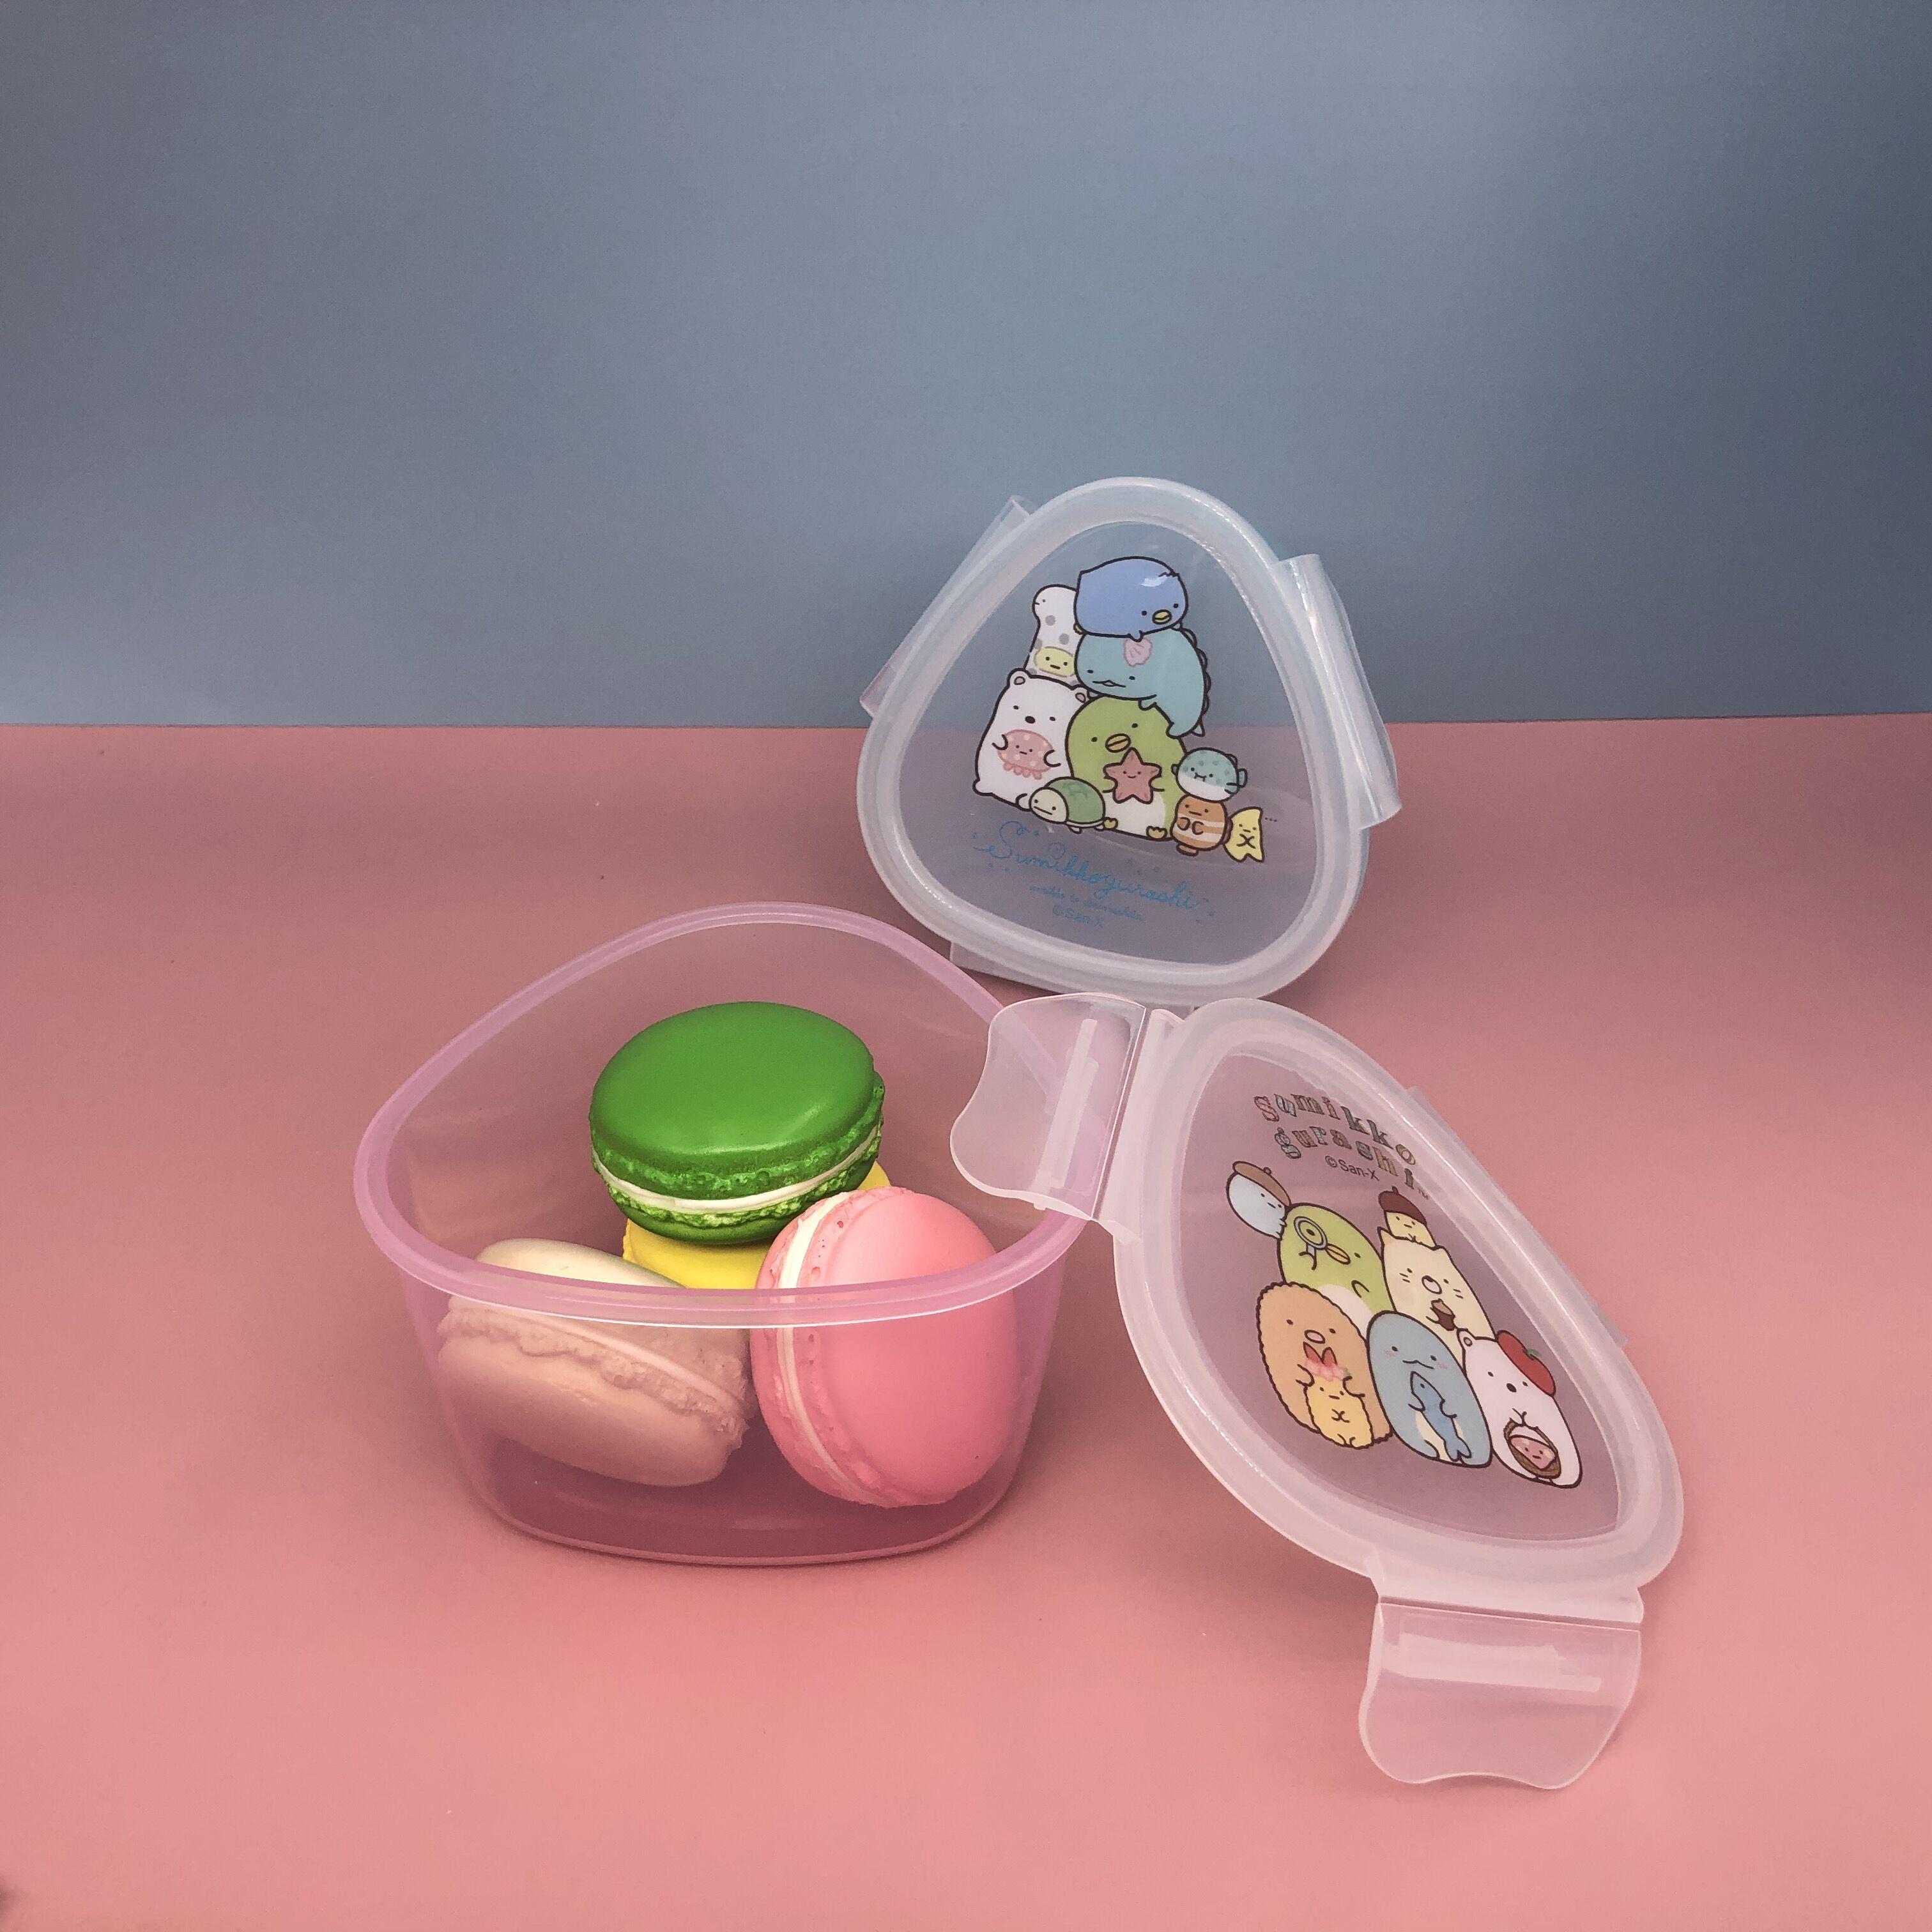 Contenedor de alimentos de nuevo estilo caja de almuerzo lavavajillas de almacenamiento de alimentos sello caso